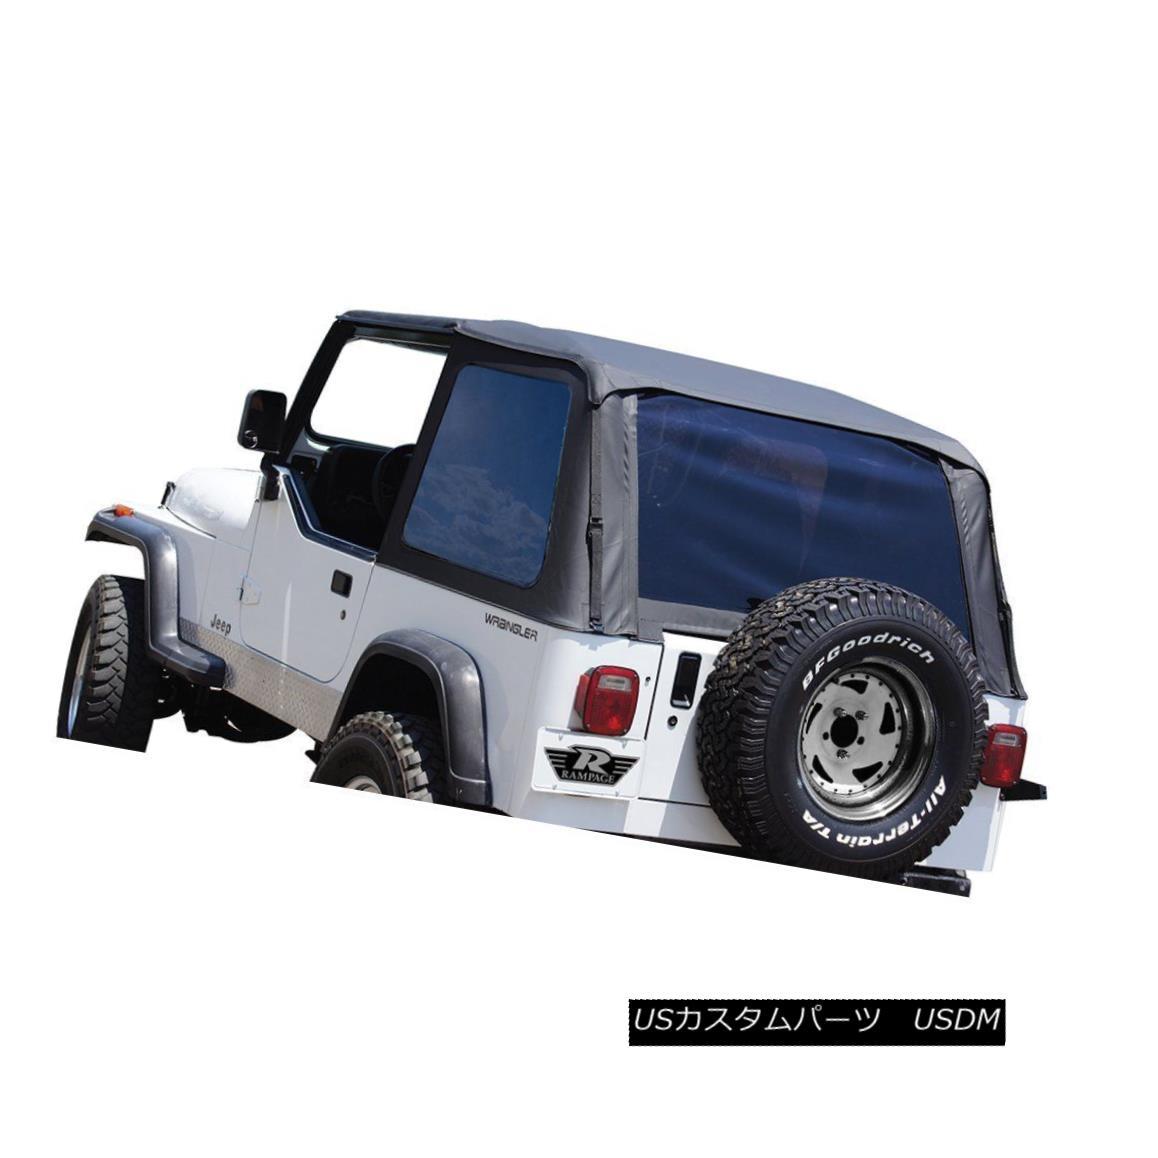 幌・ソフトトップ Rampage 109435 Soft Top For 92-95 Jeep Wrangler (YJ) ランペイジ109435ソフトトップ92-95用ジープラングラー(YJ)